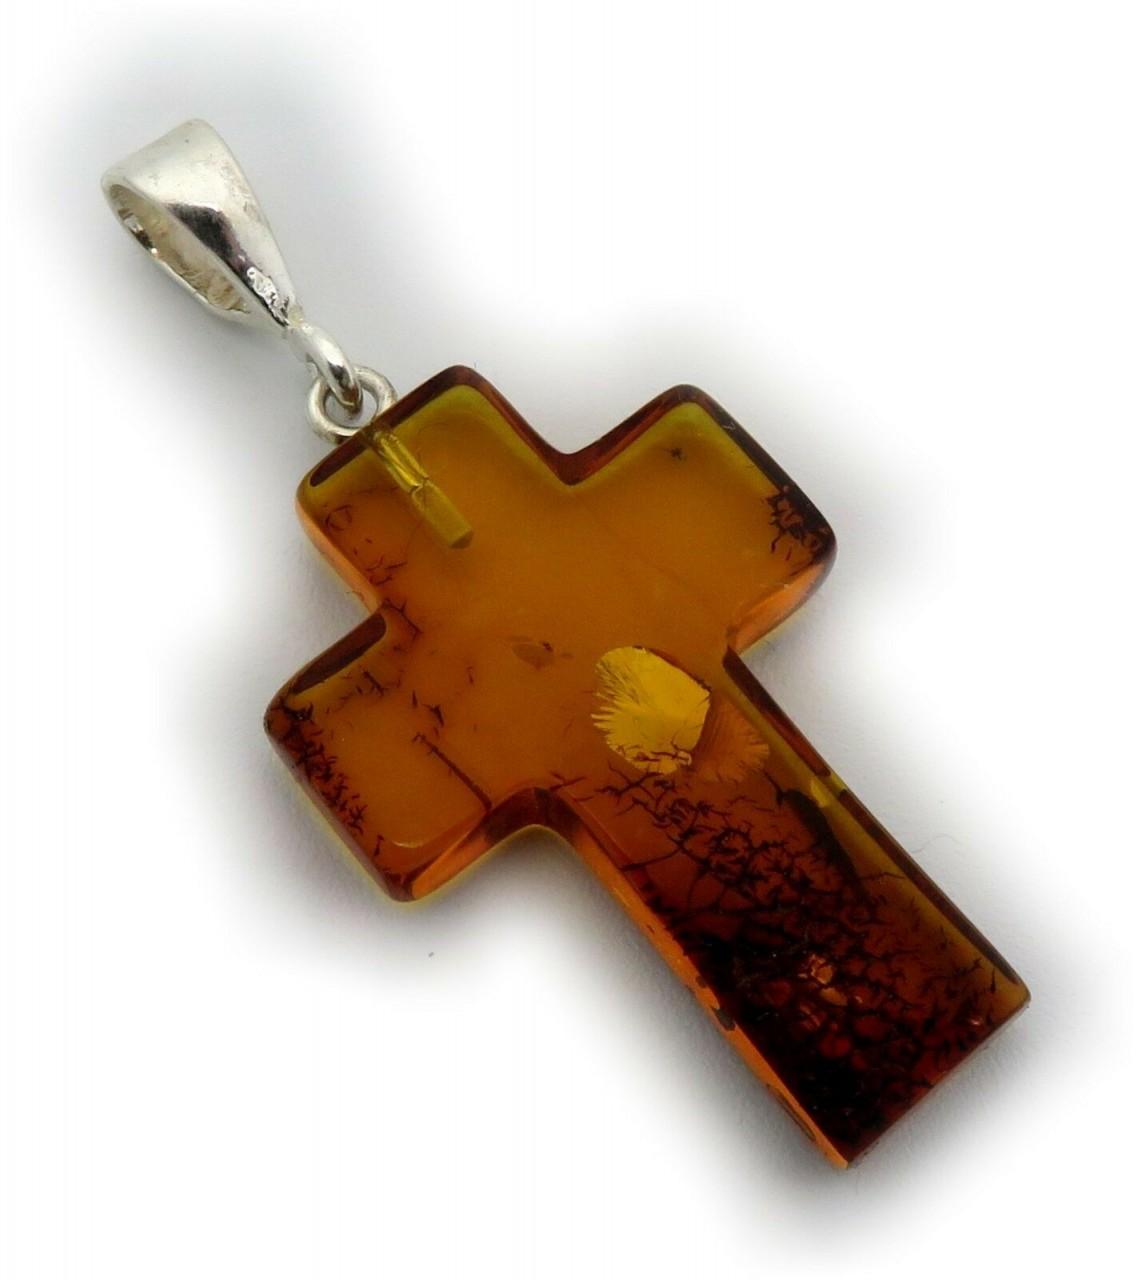 Anhänger echt Bernstein braun Kreuz in Silber 925 Naturbernstein Amber Qualität